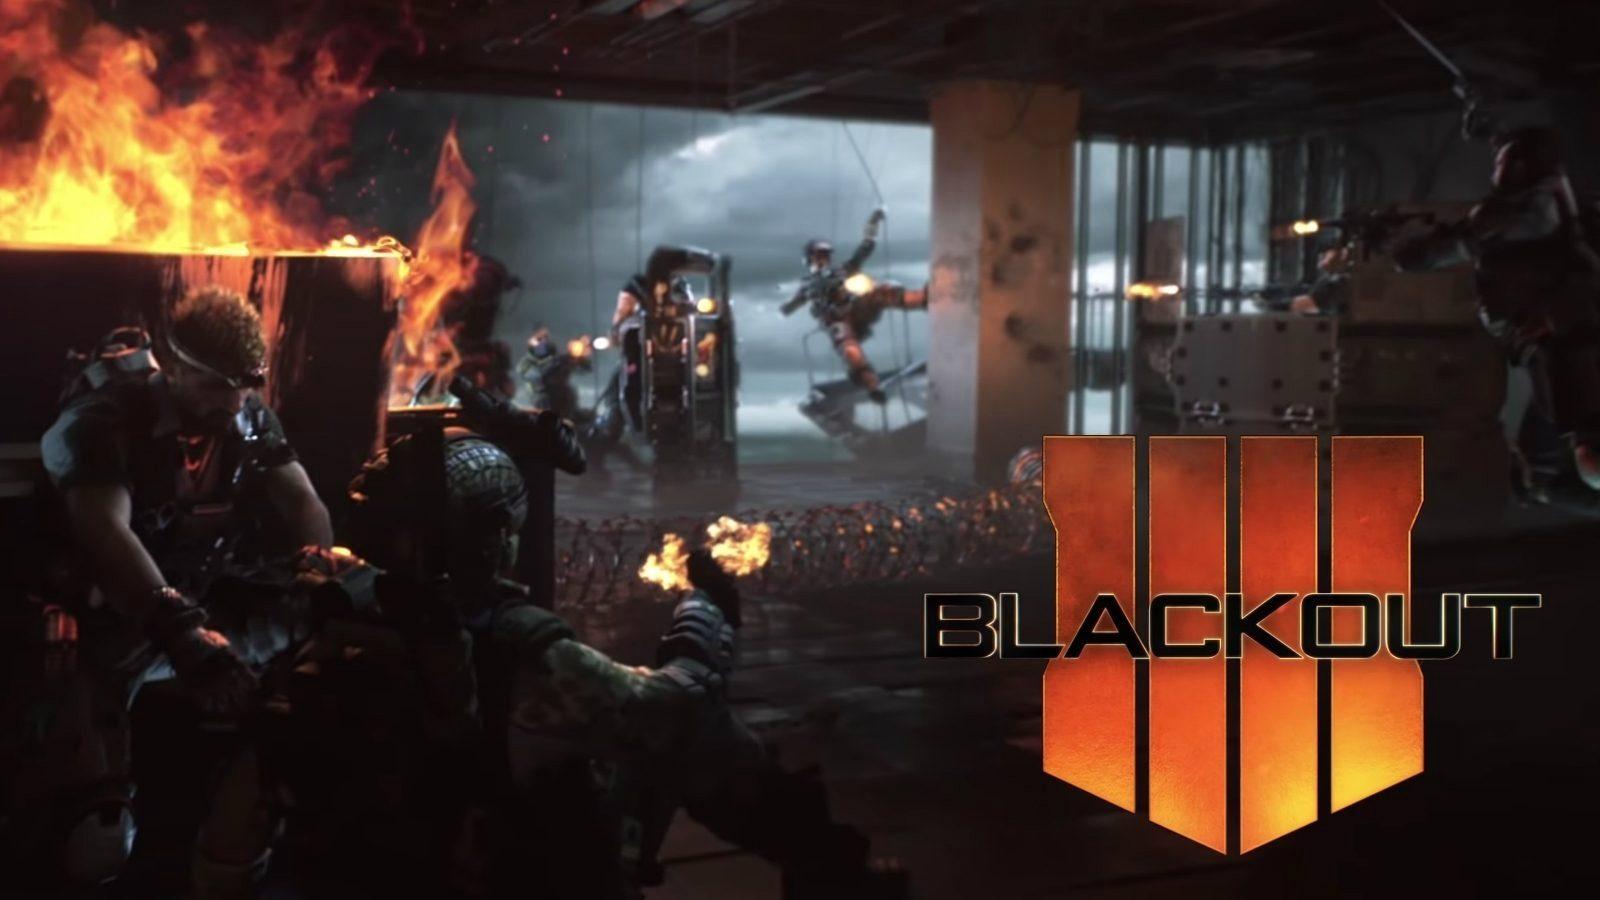 cod blackout black ops 4 leak leaked info 2